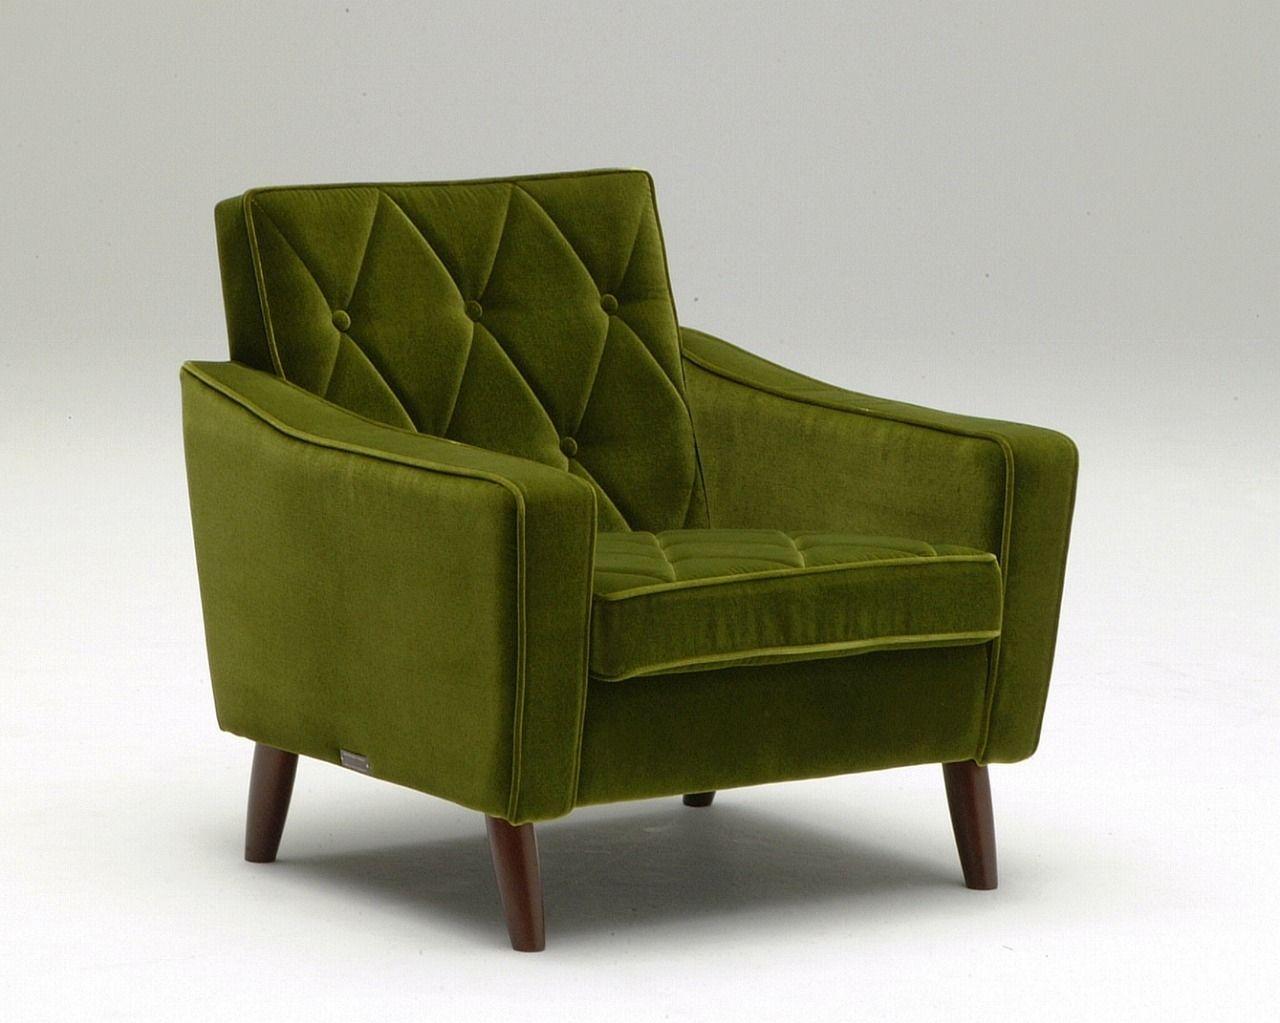 nettoyer un fauteuil en cuir 28 images nouveau nettoyer canap 233 en cuir nouveau id 233 es. Black Bedroom Furniture Sets. Home Design Ideas